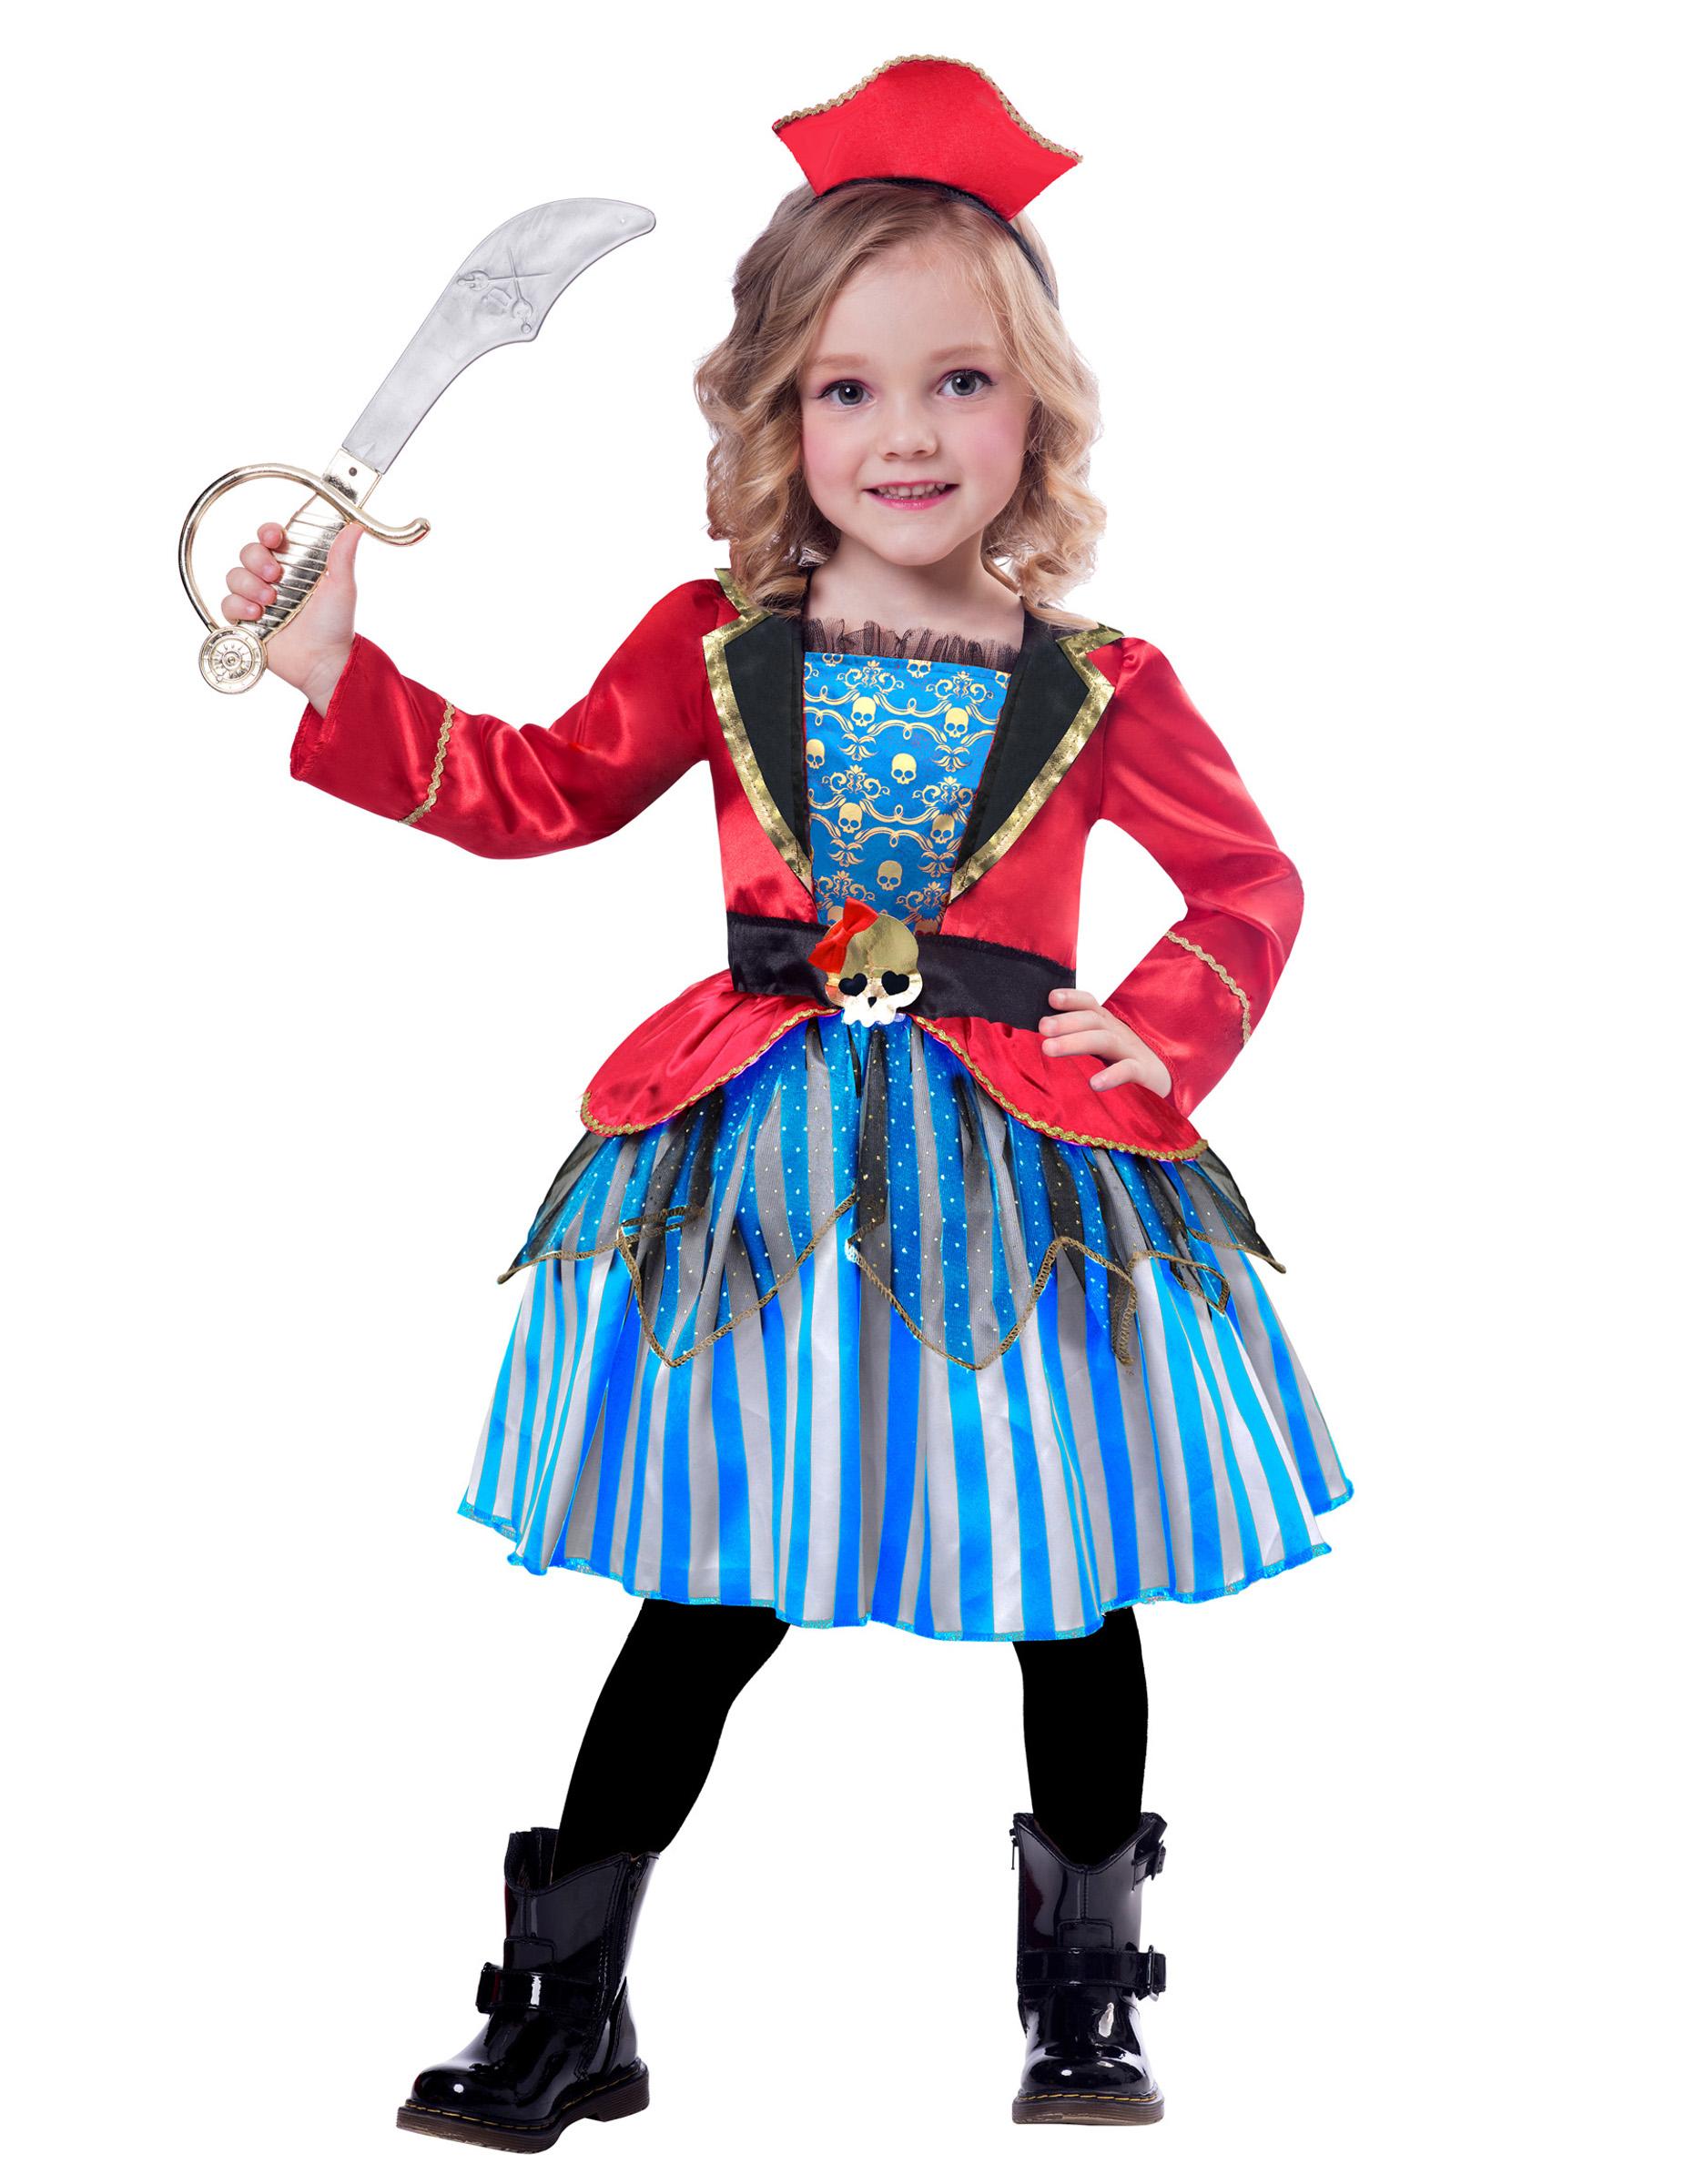 Verkleidung Für Kinder : prachtvolle piraten verkleidung f r kinder bunt kost me f r kinder und g nstige ~ Frokenaadalensverden.com Haus und Dekorationen